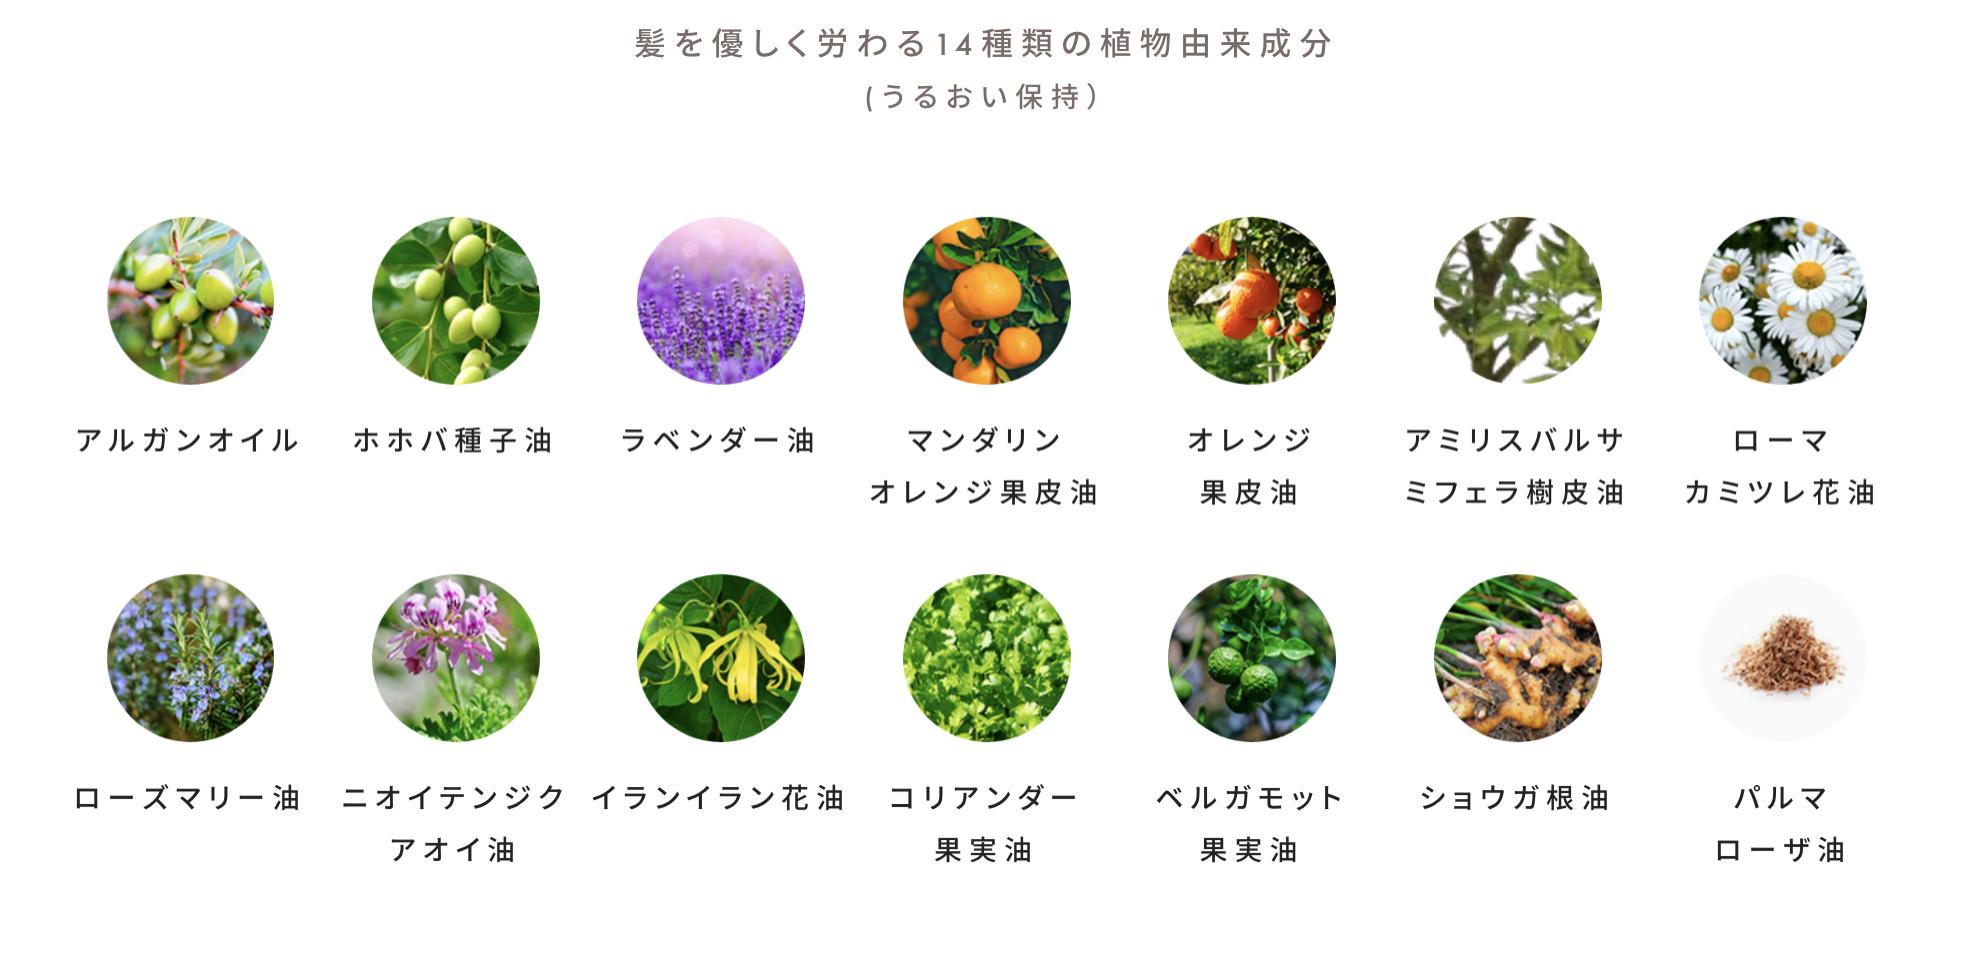 コンステラ植物由来配合成分